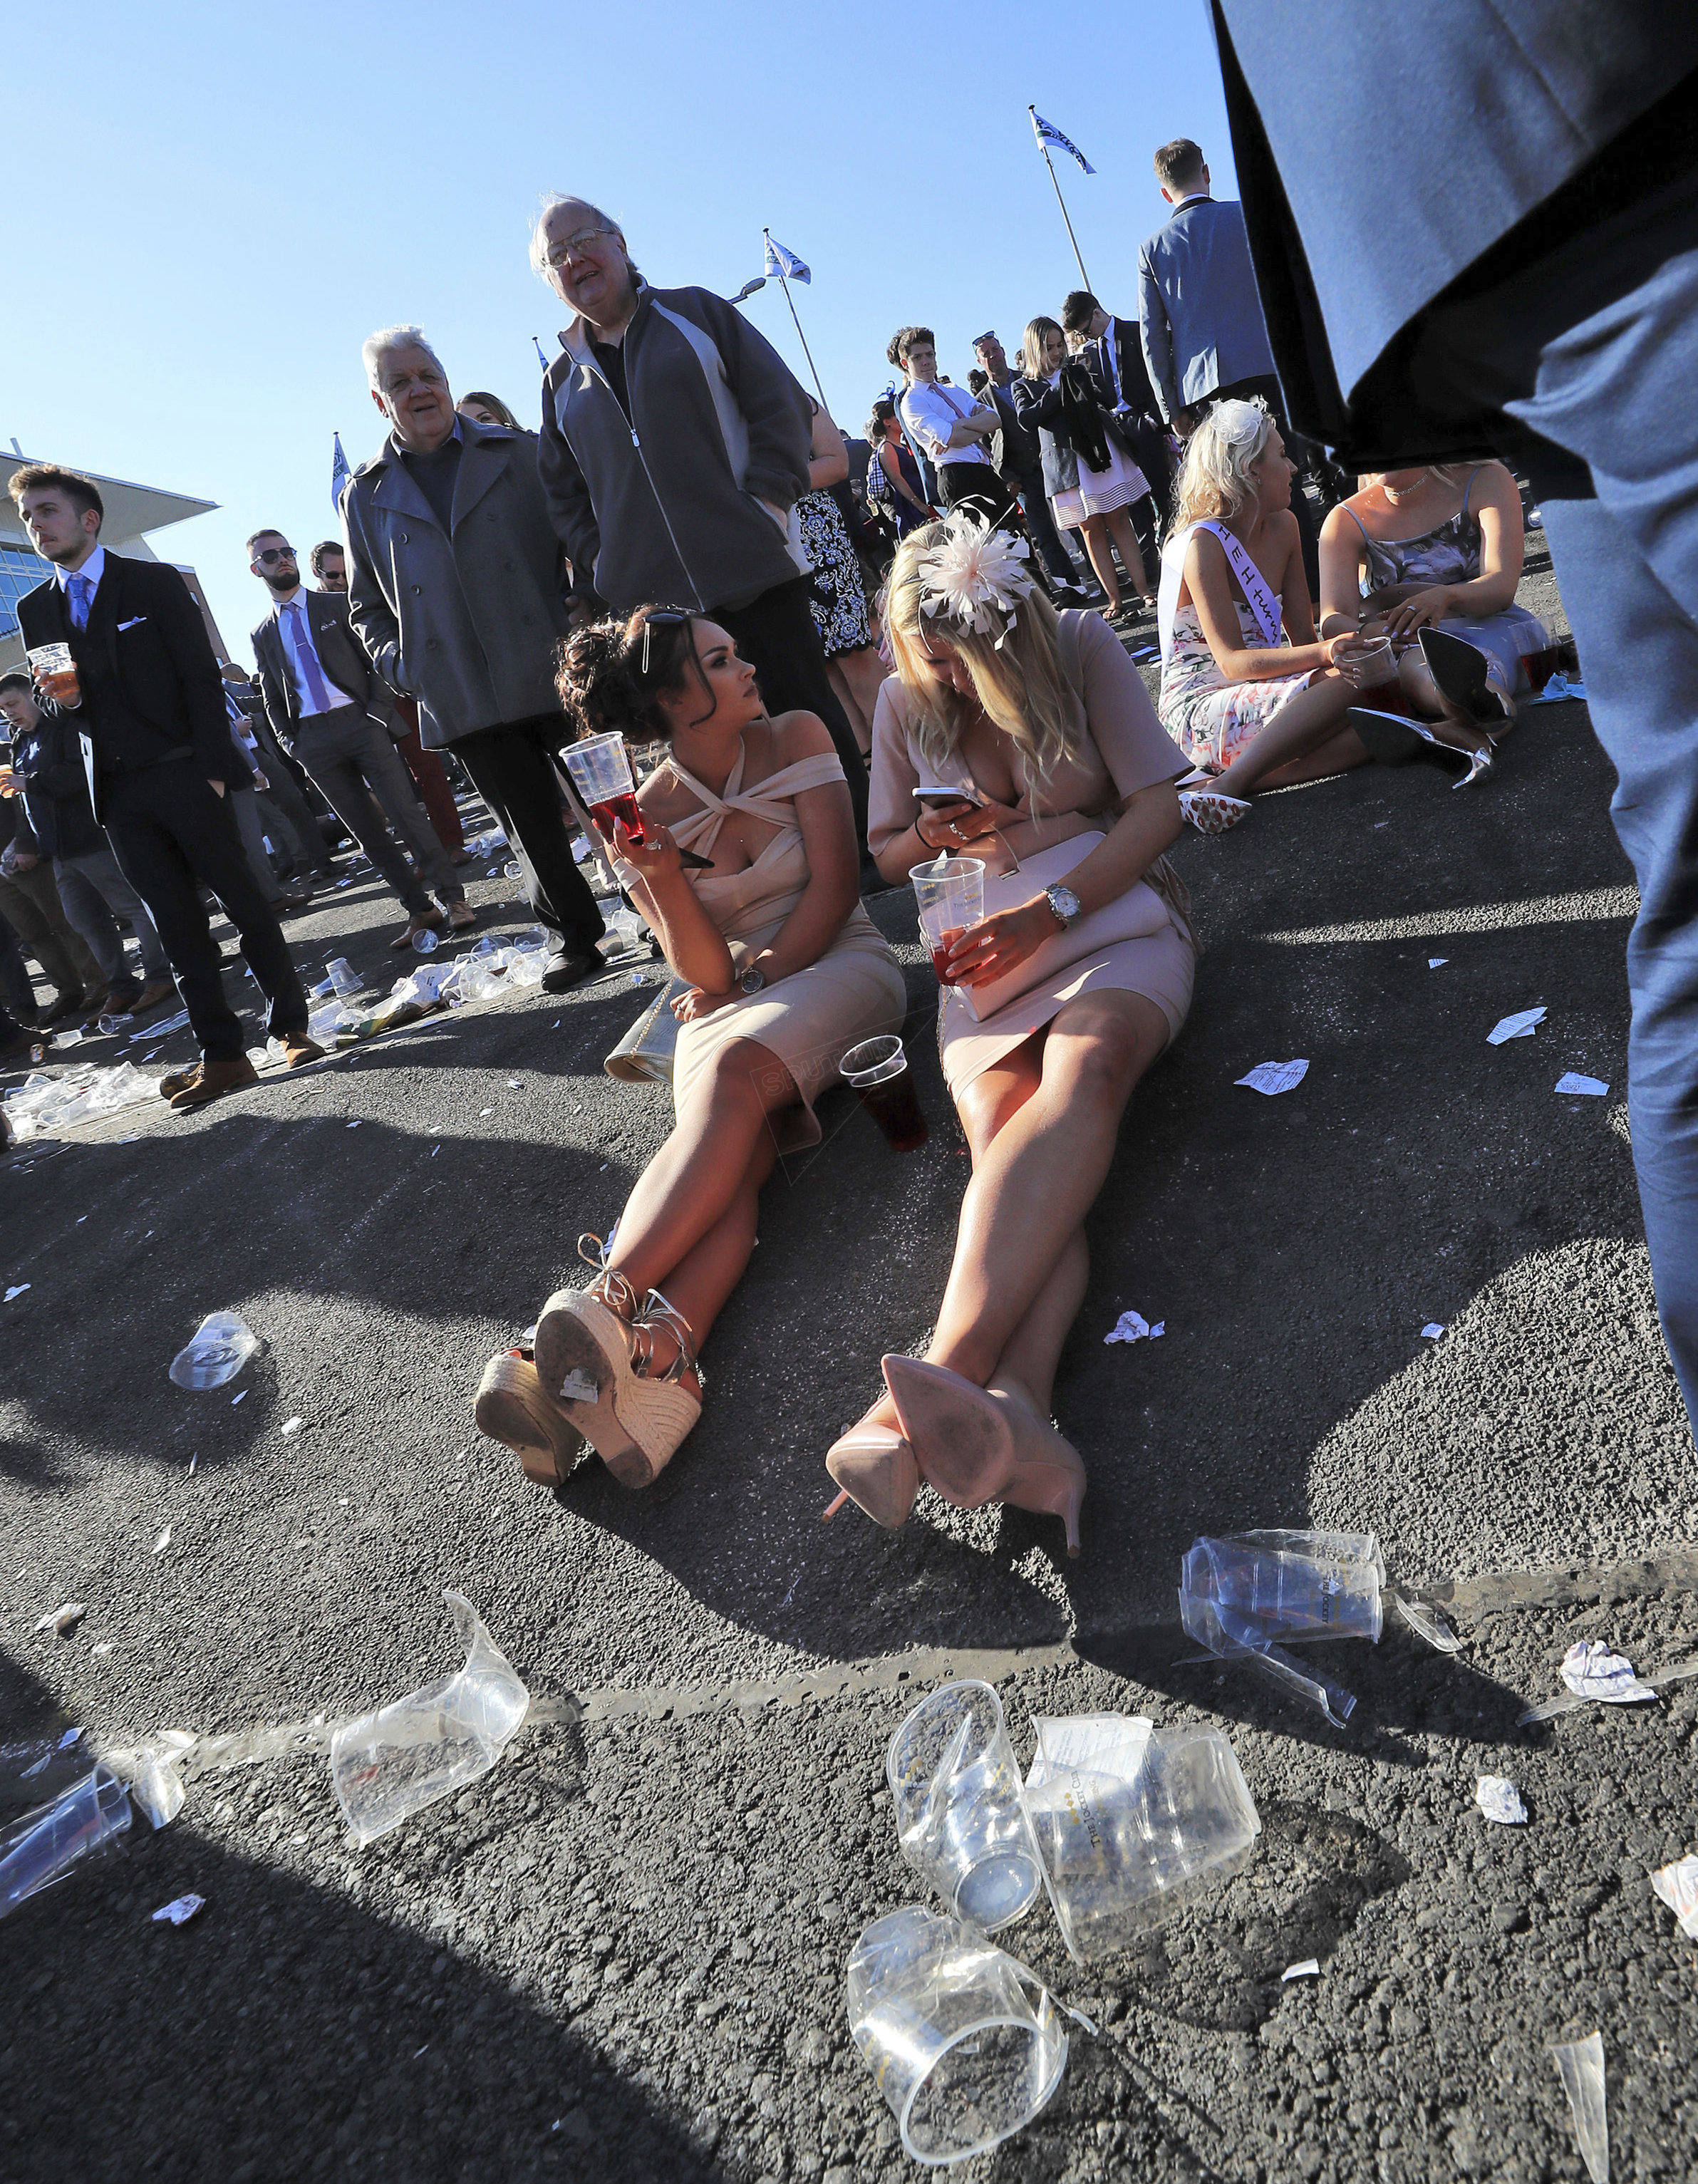 Duas britânicas estão sentadas no asfalto rodeadas por lixo